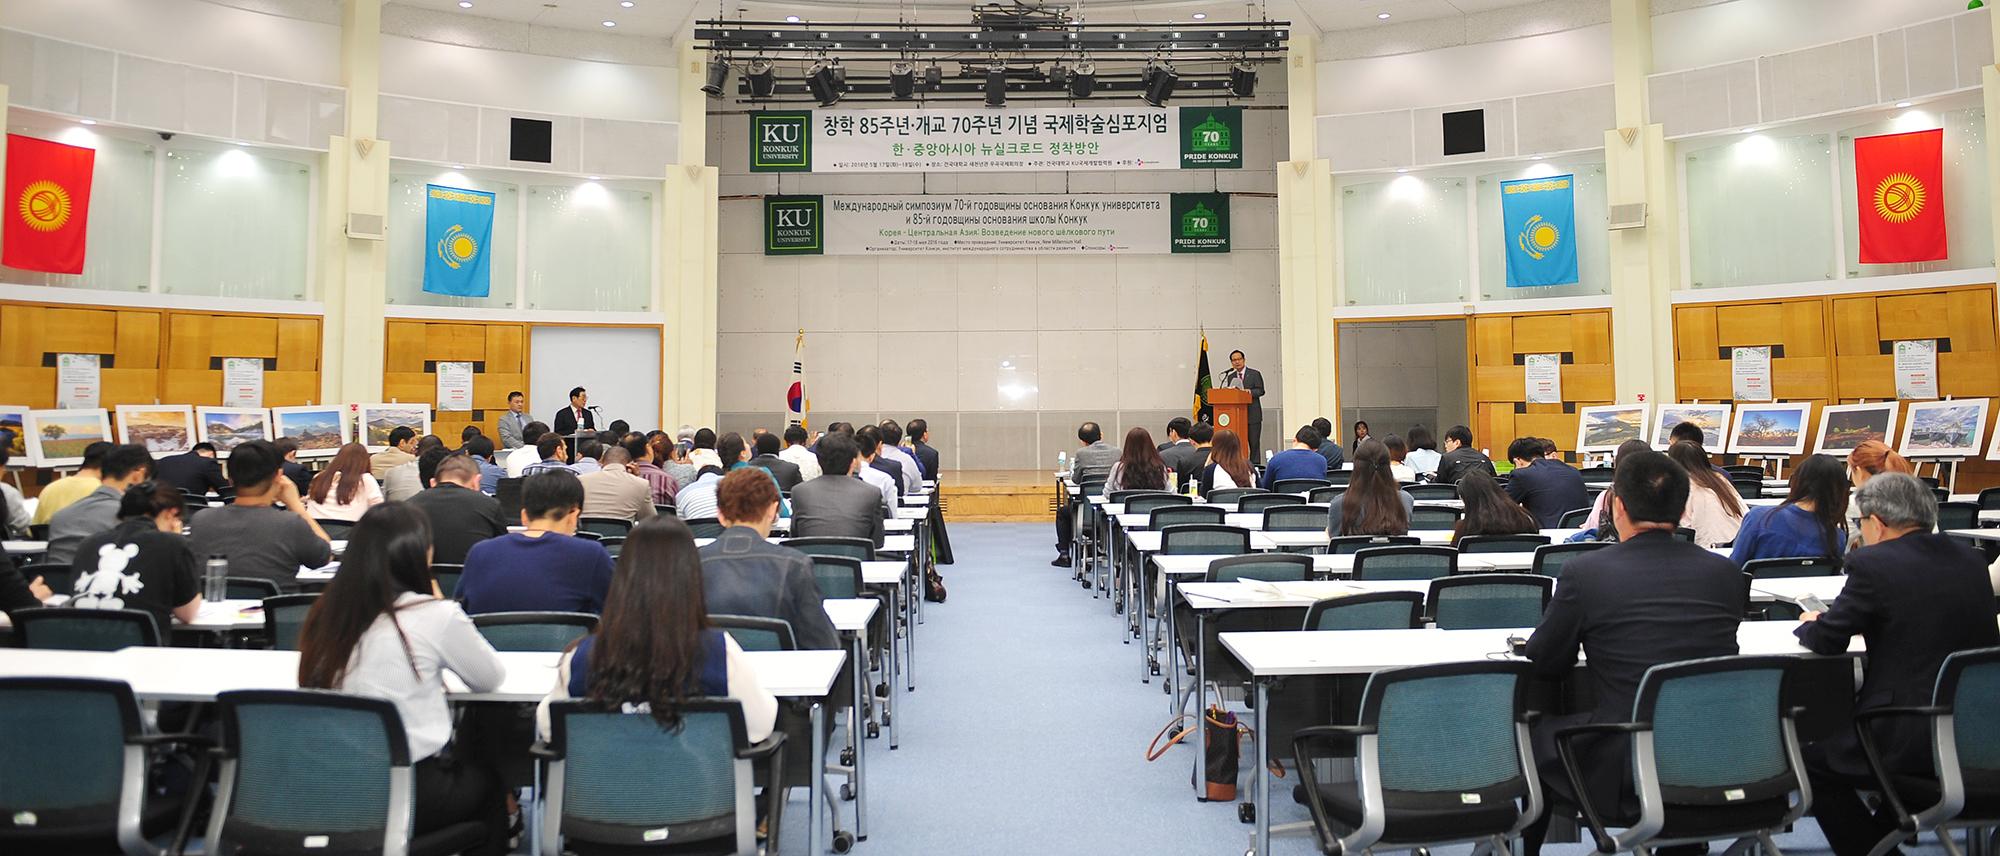 건국대, 한-중앙아시아 뉴실크로드 정착방안 국제심포지엄 개최